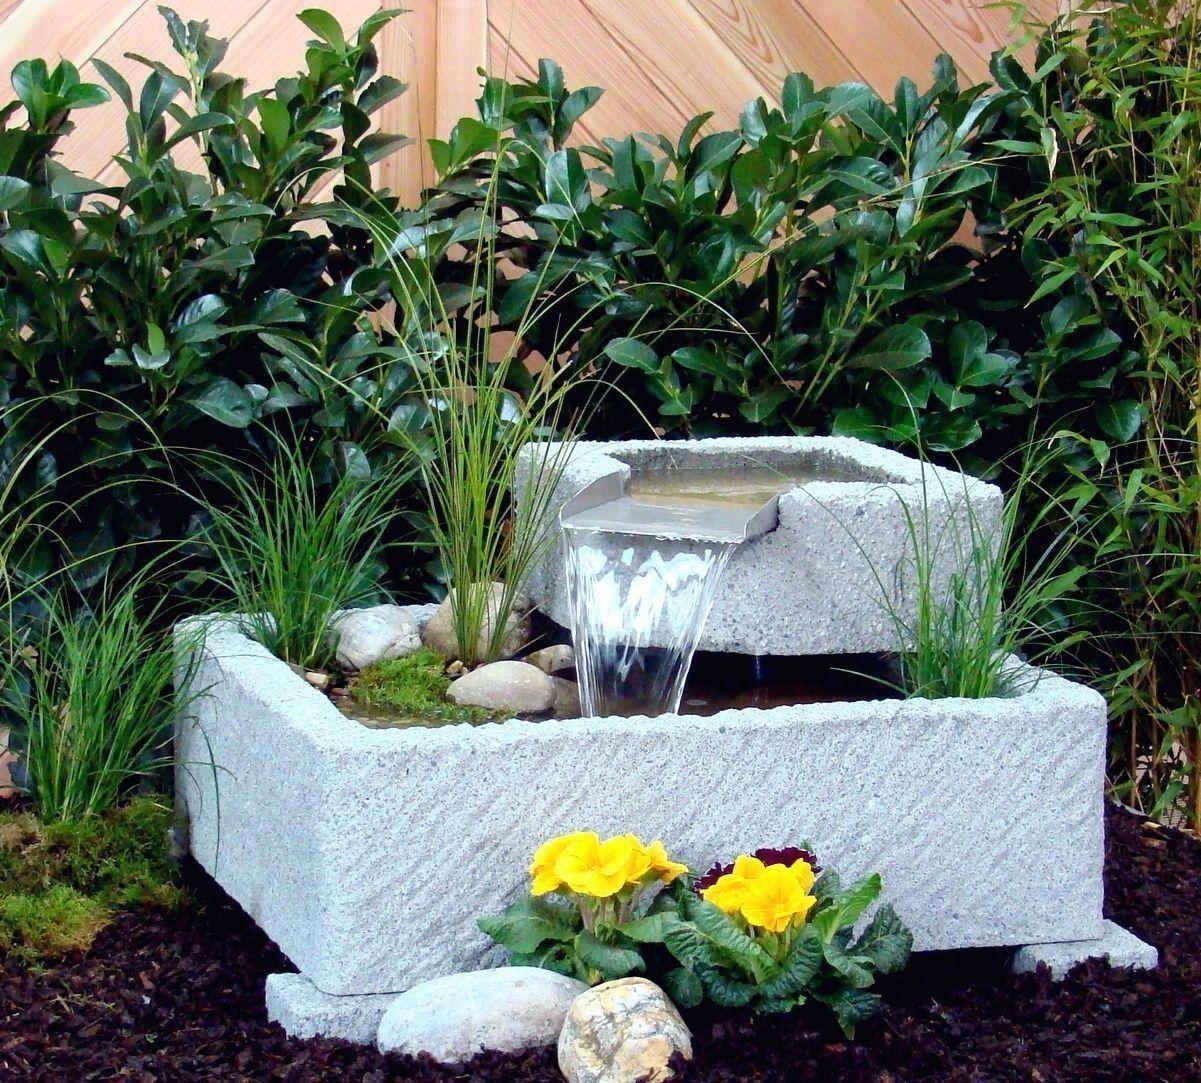 Springbrunnen Brunnen Wasserspiel Granitwerkstein Stein 118kg Balkon Garten Sh 1000 In 2020 Outdoor Gardens Design Garden Fountains Water Features In The Garden